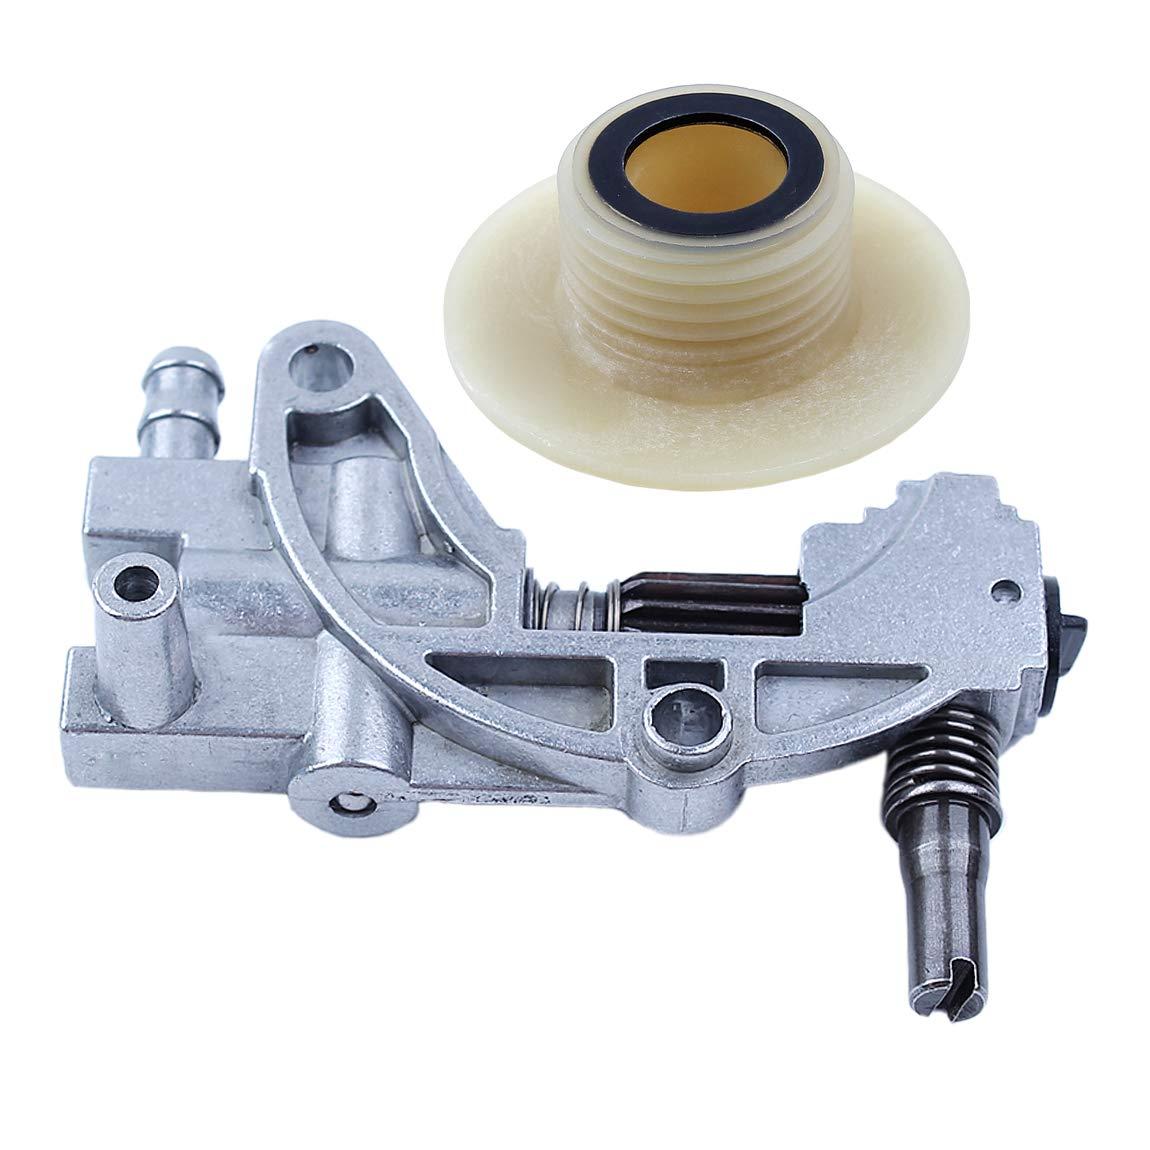 Haishine Juego de Engranajes helicoidales de Bomba de transmisi/ón de Aceite para Motosierra China 5200 4500 5800 52cc 45cc 58cc Piezas de Repuesto